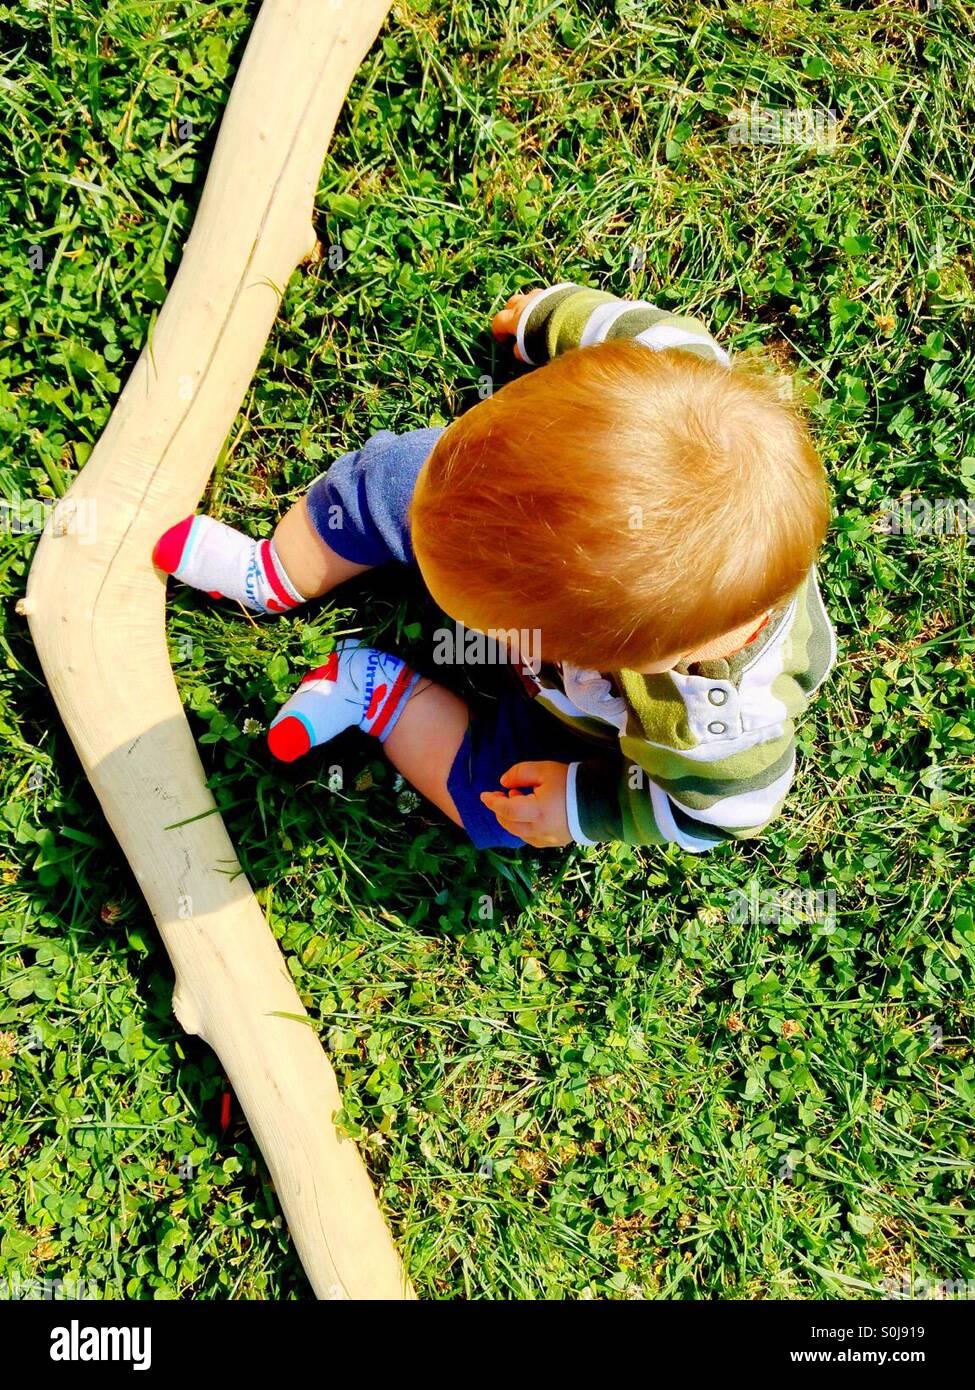 Rothaarige Junge sitzt auf einem grünen Rasen mit einem Stück entrindetes Holz Stockbild